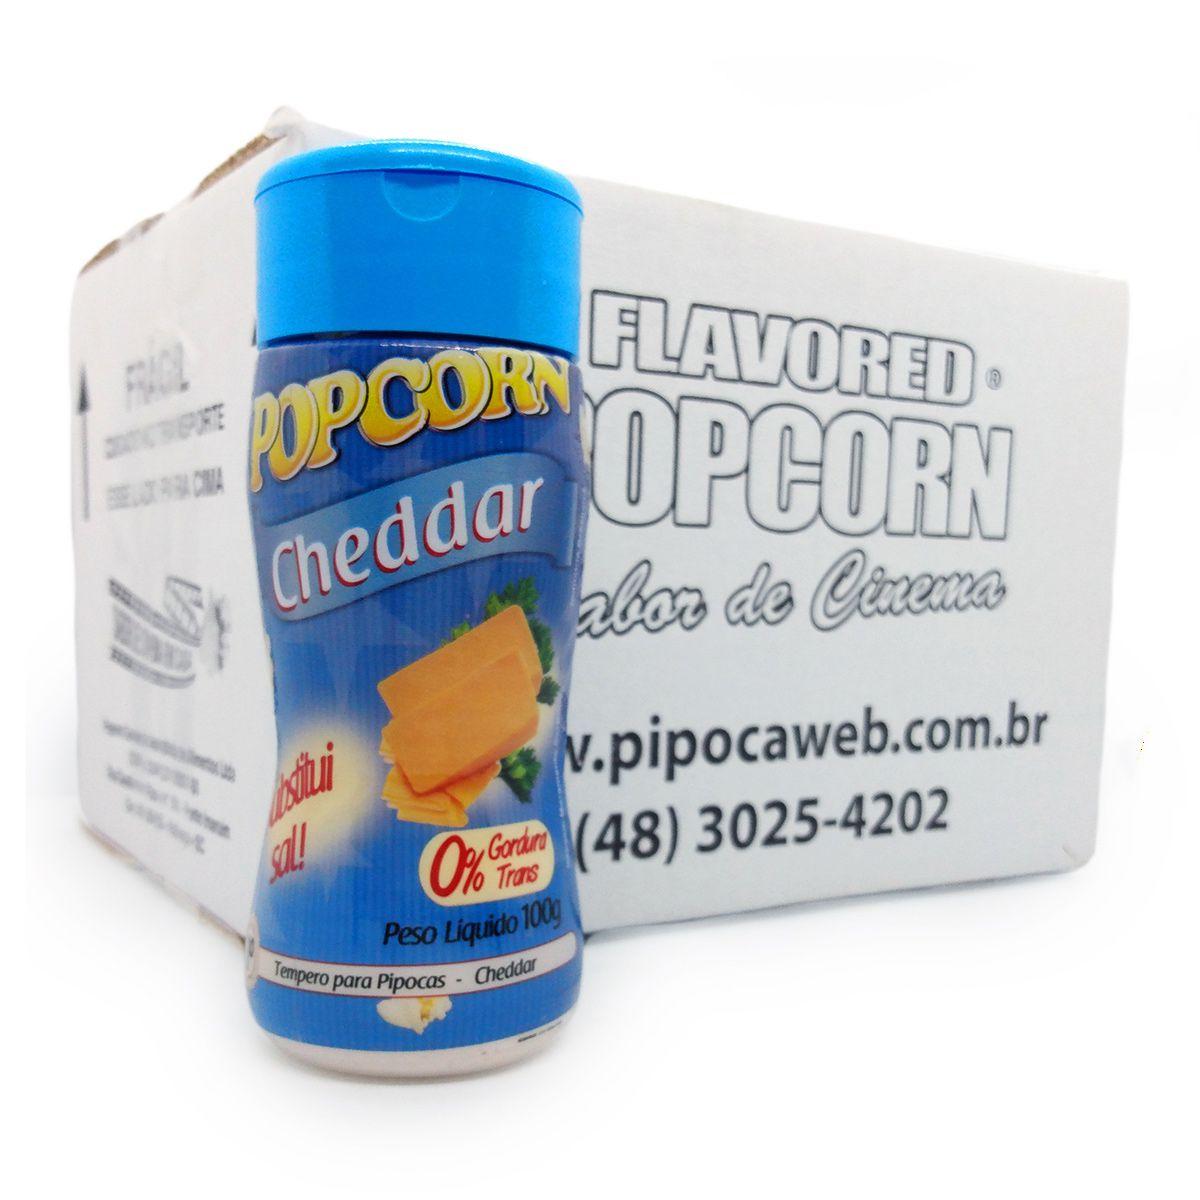 TEMPEROS P/ PIPOCA - SABOR CHEDDAR 100g - Caixa c/ 12 Un - R$ 7,66 cada